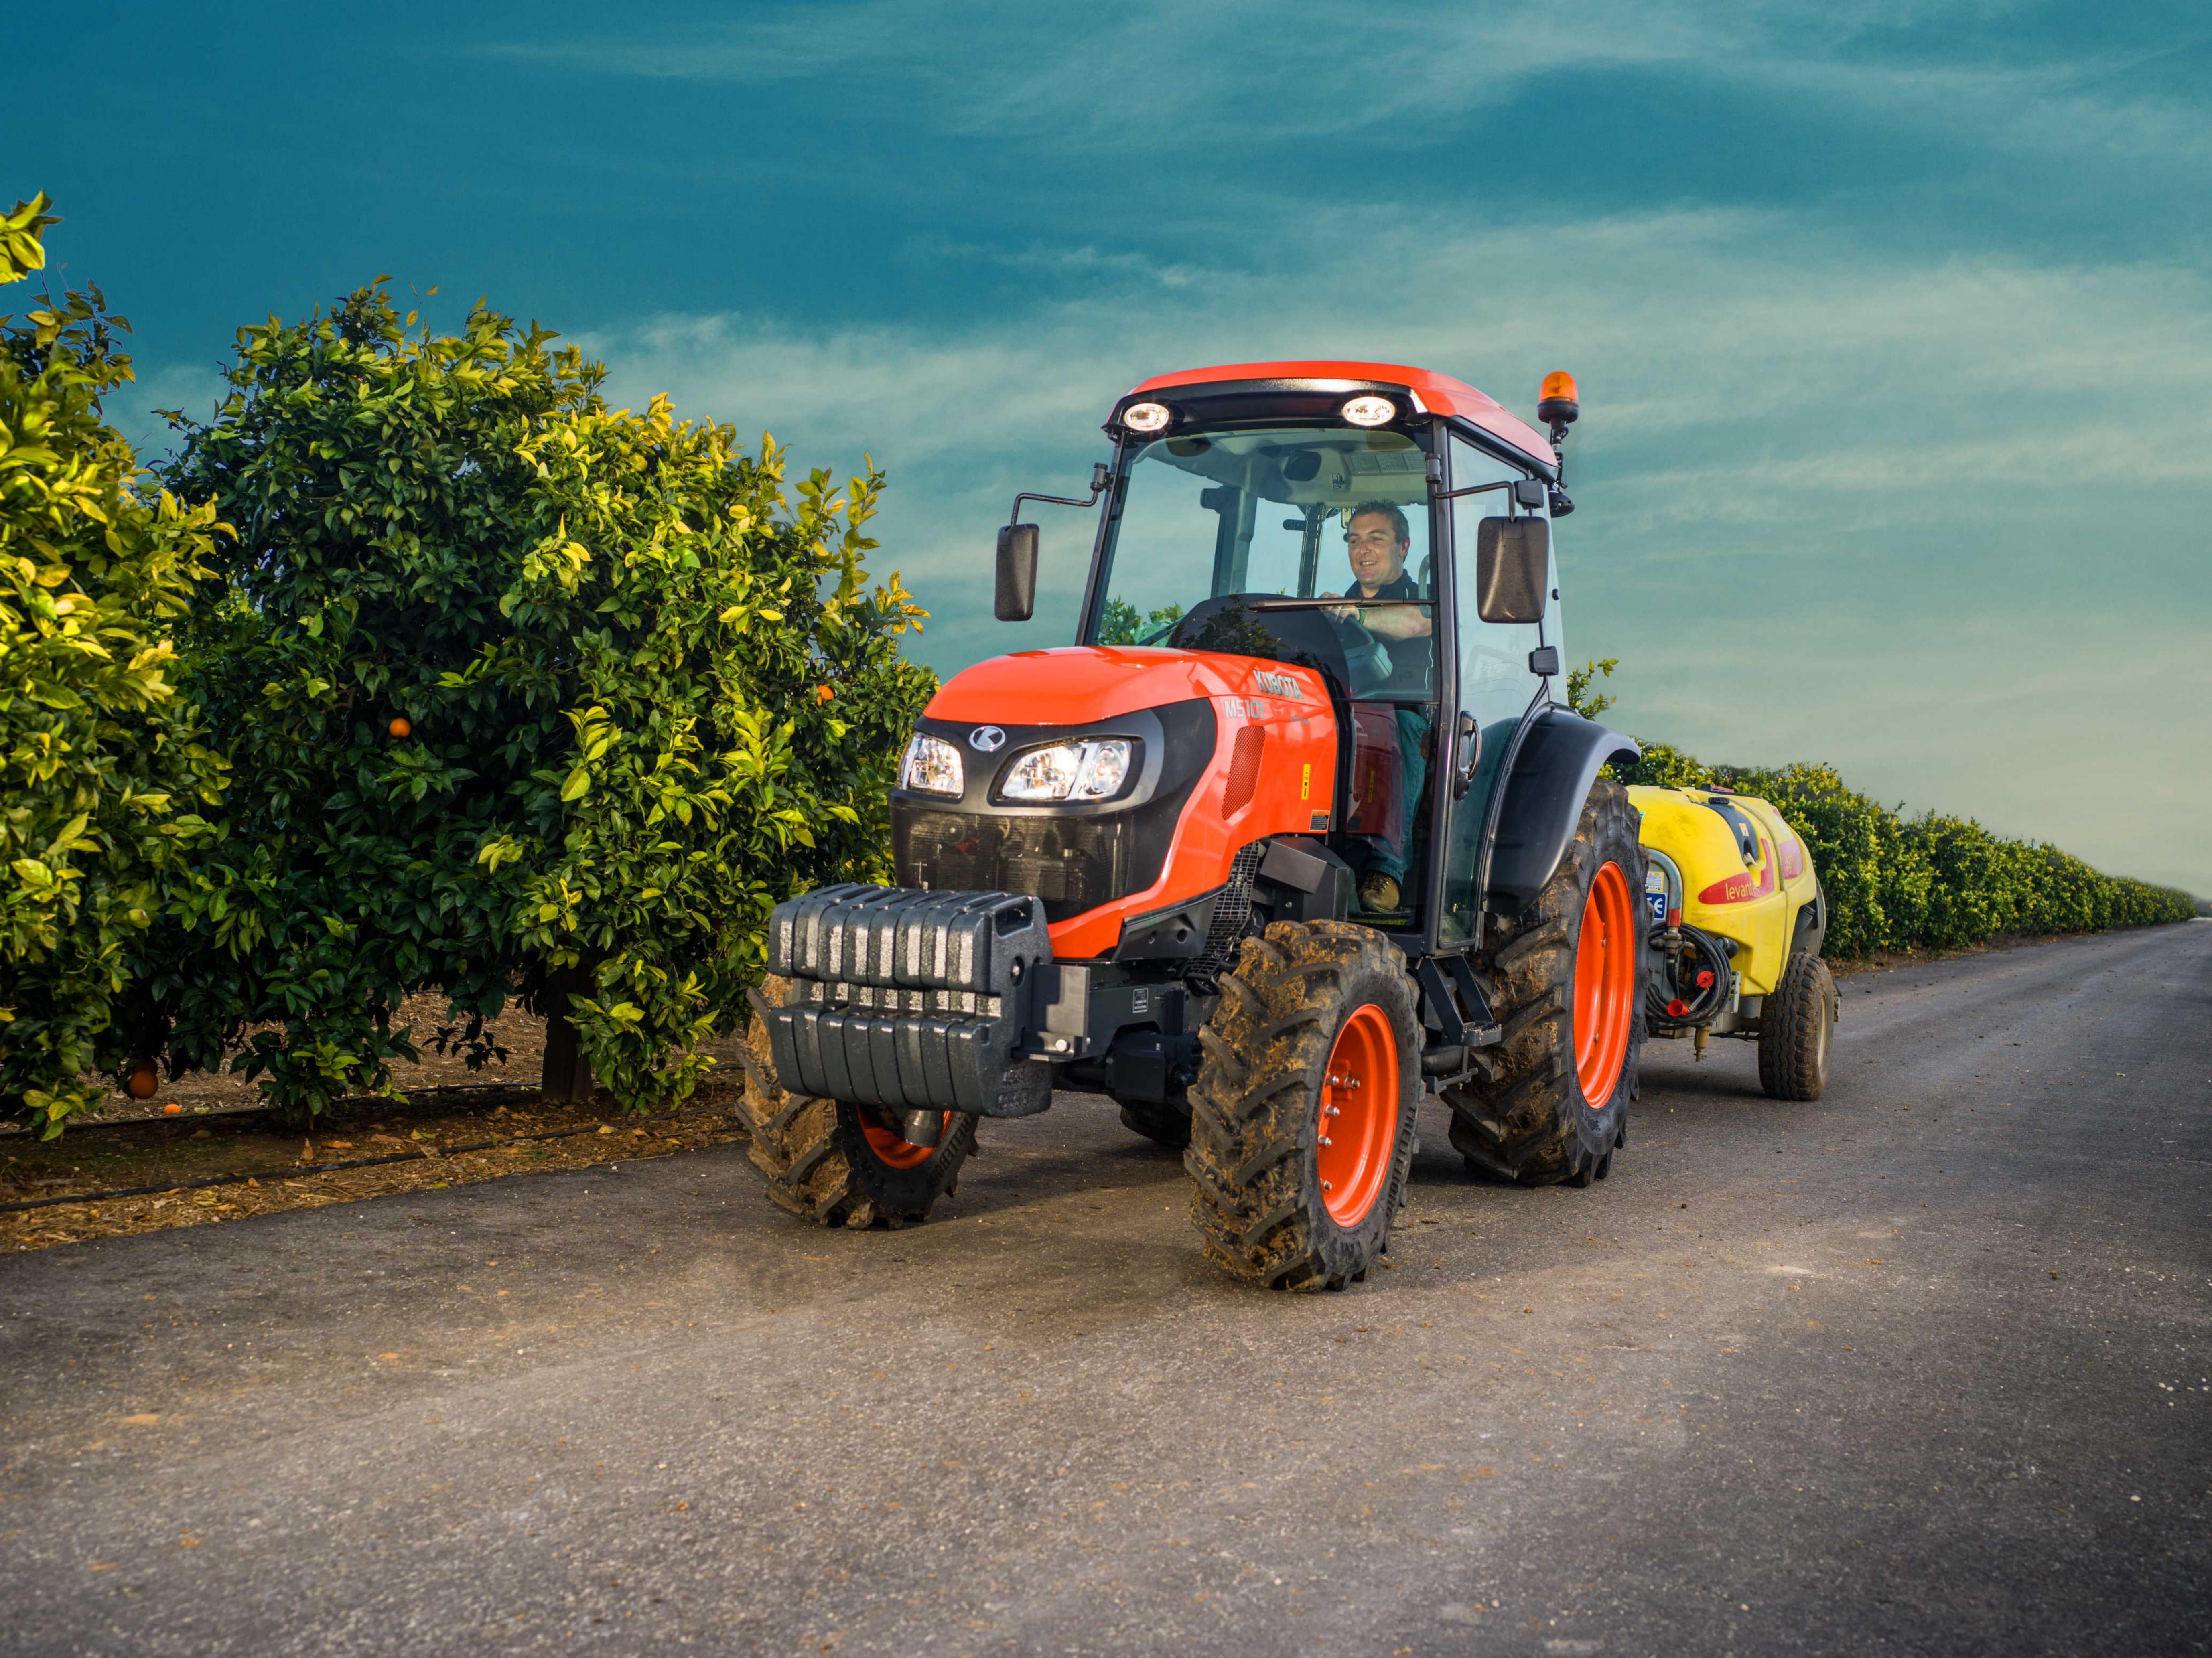 Tractores M5001 Narrow - KUBOTA